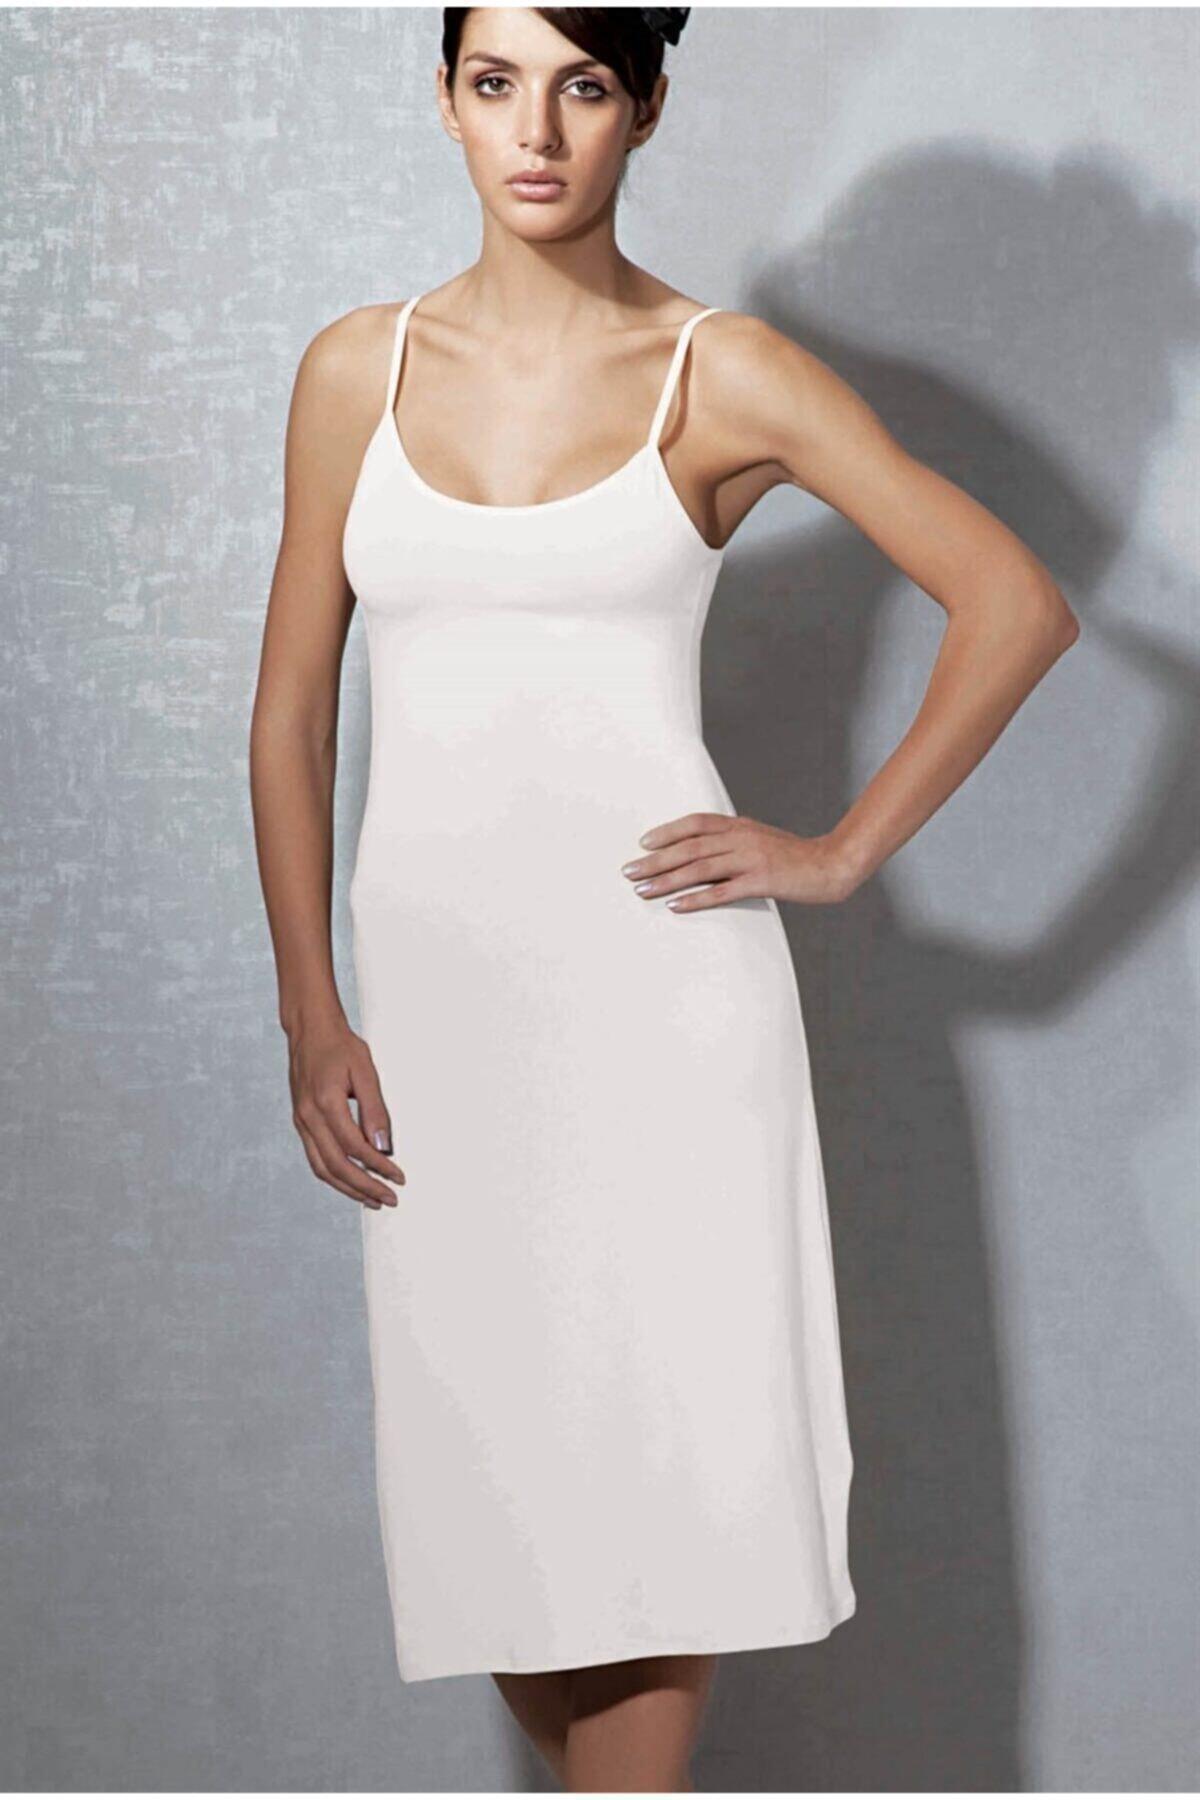 Doreanse Kadın Beyaz  Modal Askılı Jüpon Kombinezon 11129 1